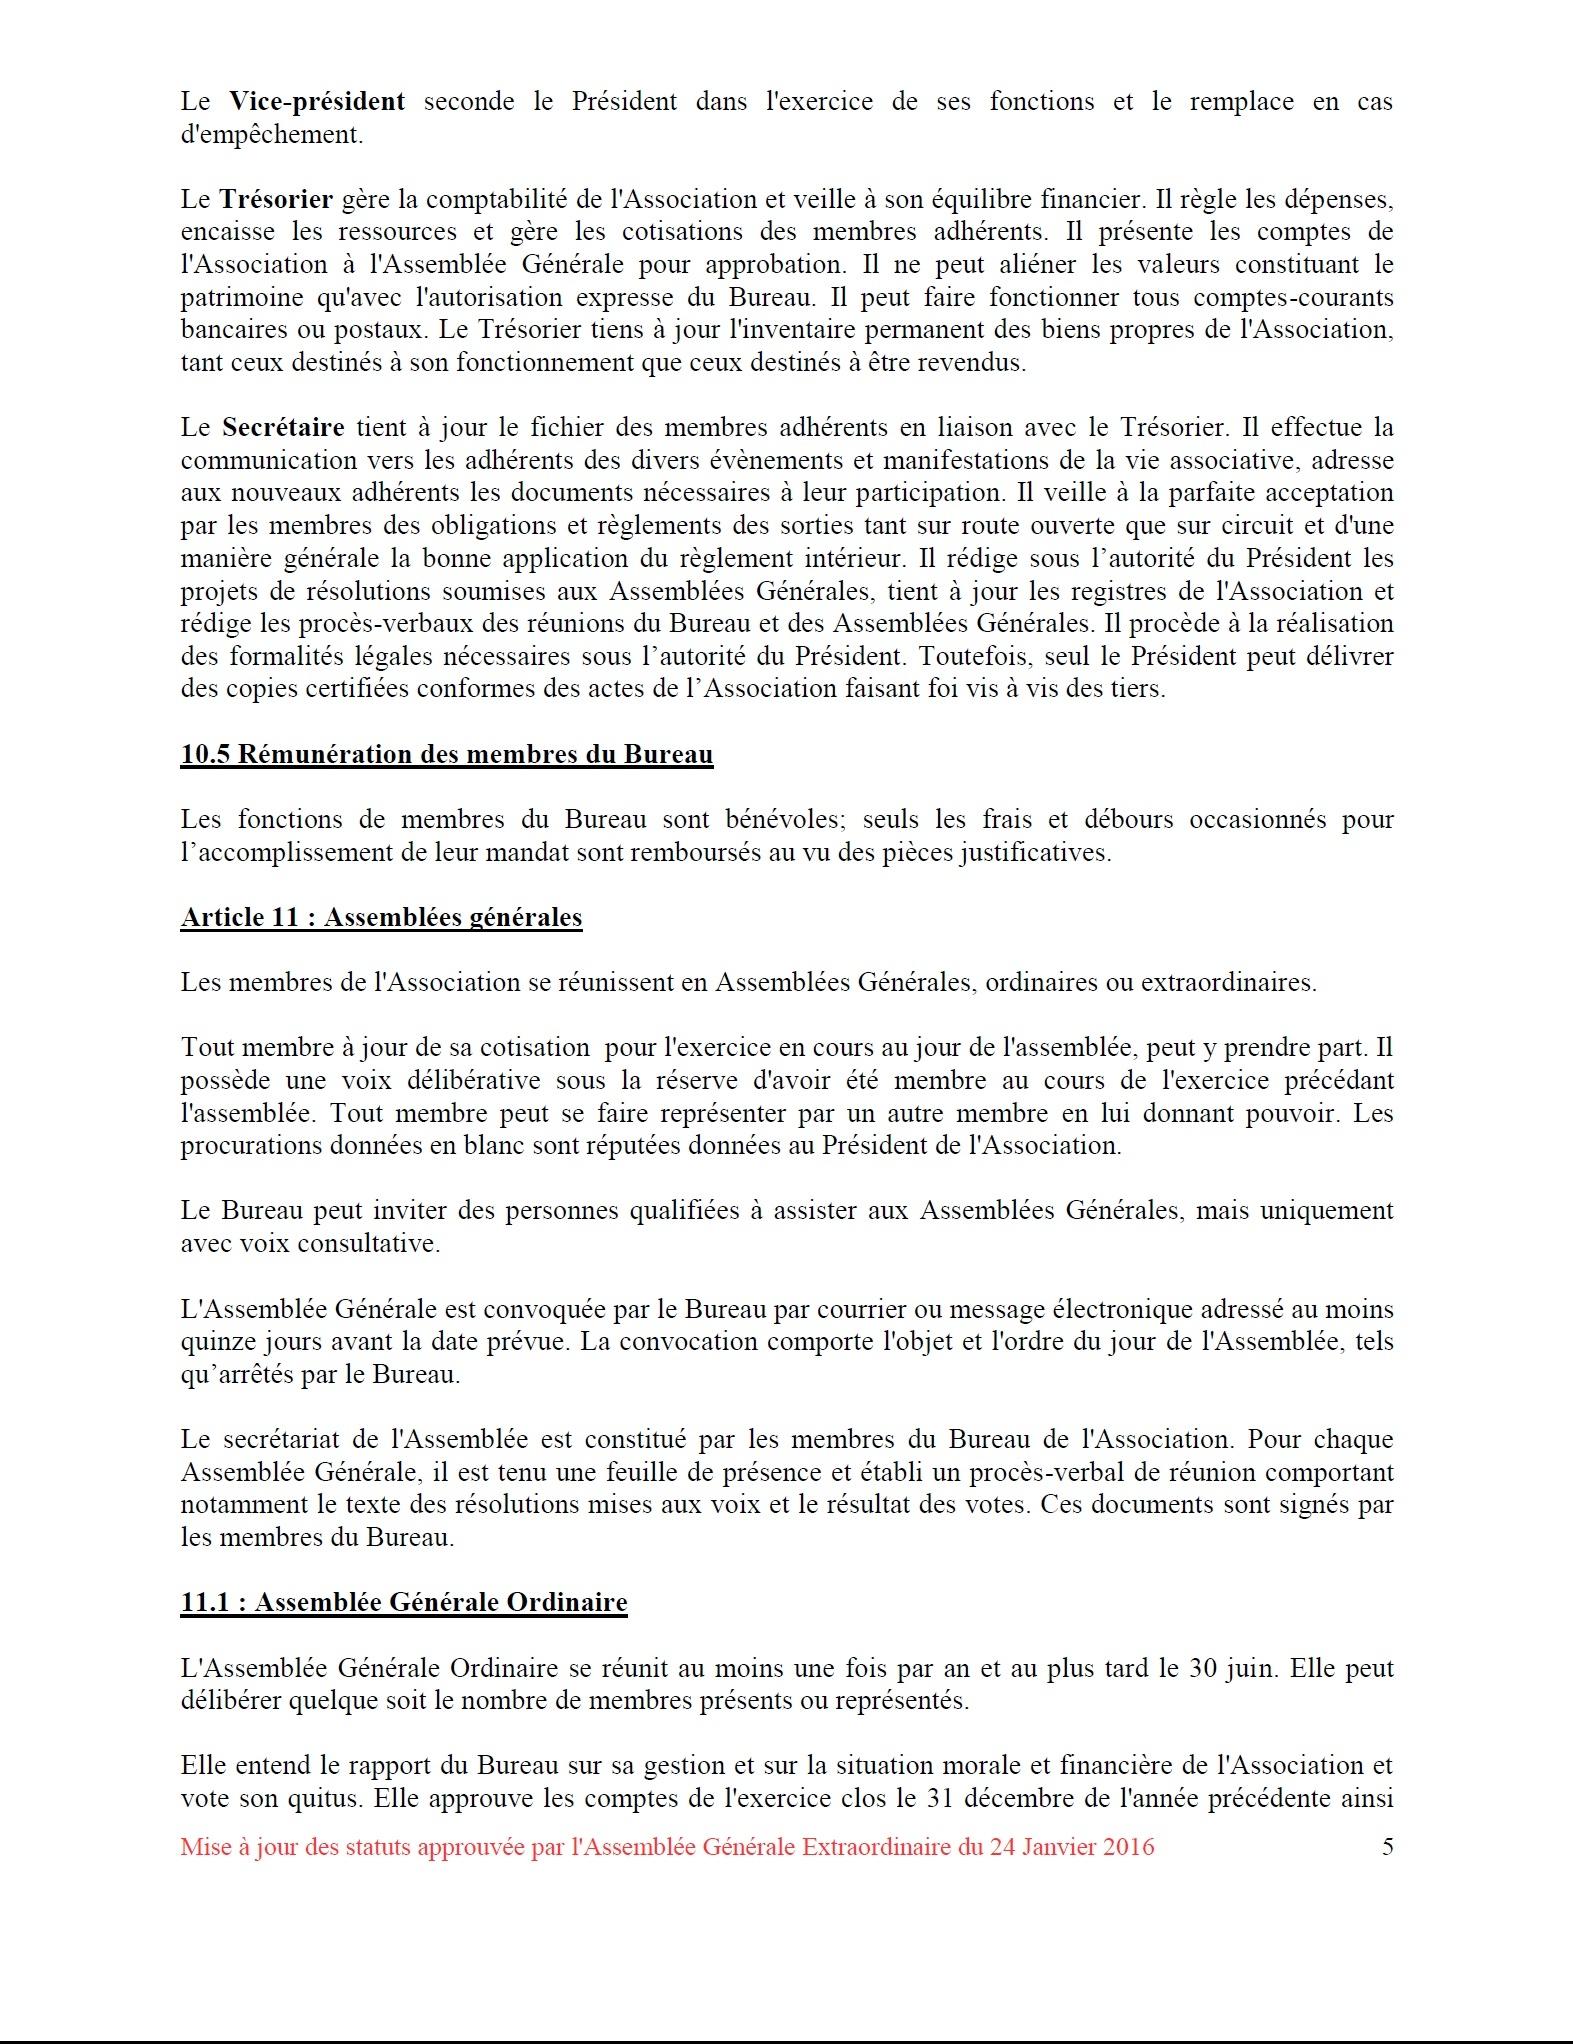 Statuts de l'association 1516370574816215824